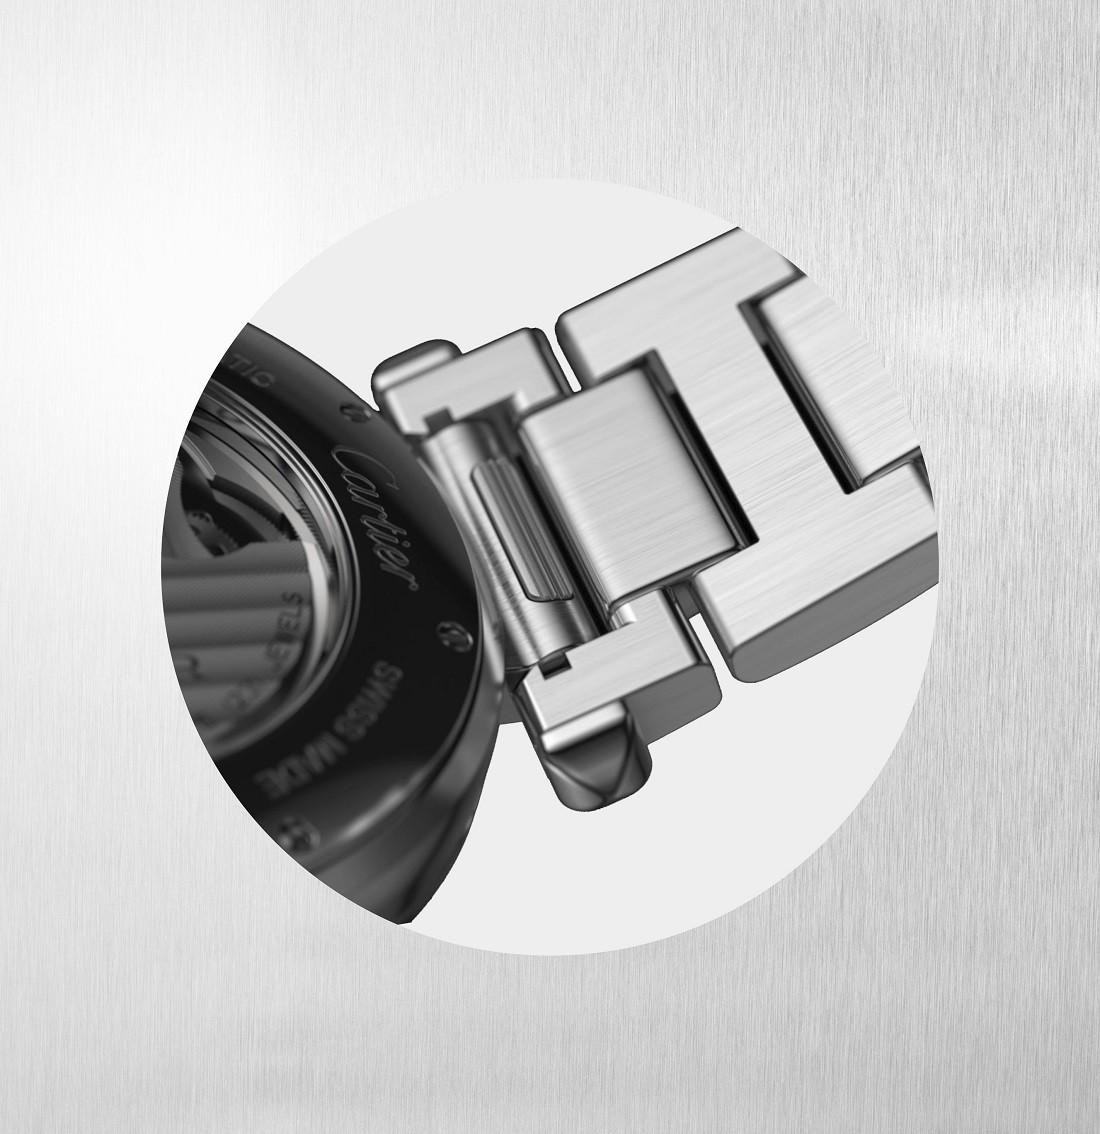 工具を一切使わずに、着脱とコマの調整ができる「クイックスイッチ」システムを採用したブレスレット。Cédric Vaucher © Cartier